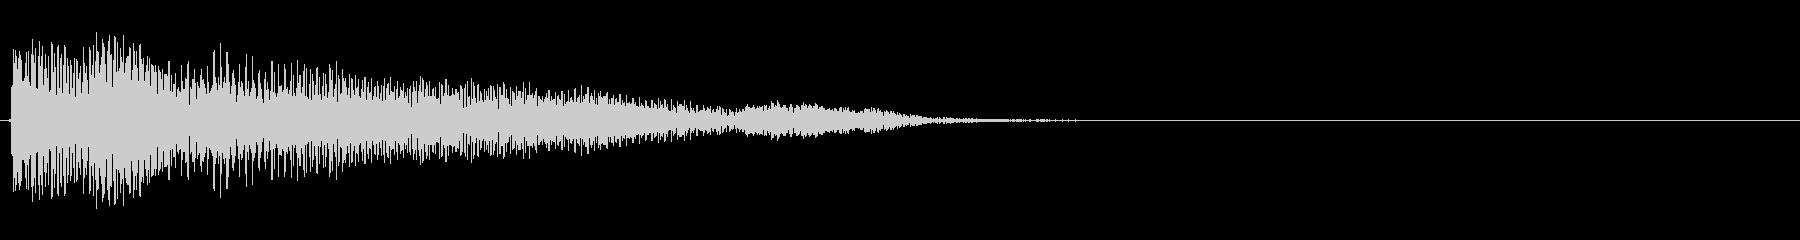 強化されたプラクテッドシンセアクセント4の未再生の波形